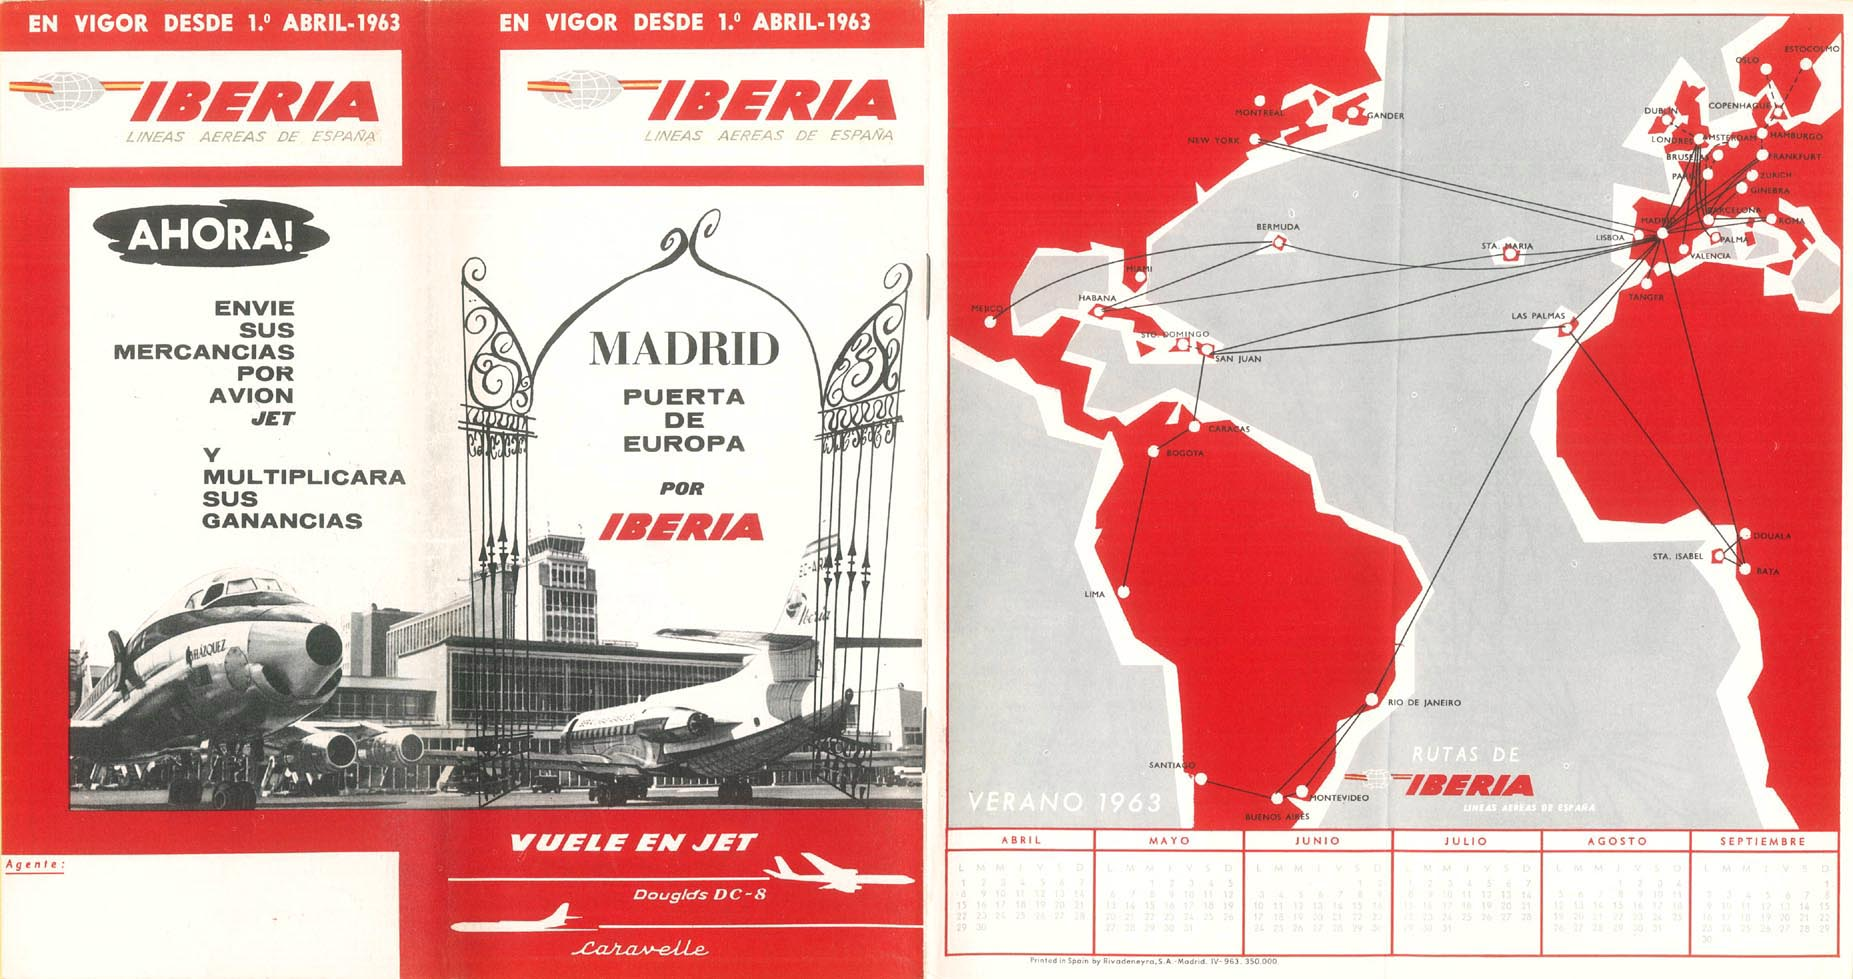 Portada de Tabla de horarios y tarifas de Iberia, de 1963. Colección de Diederik R. Vels Heijn.